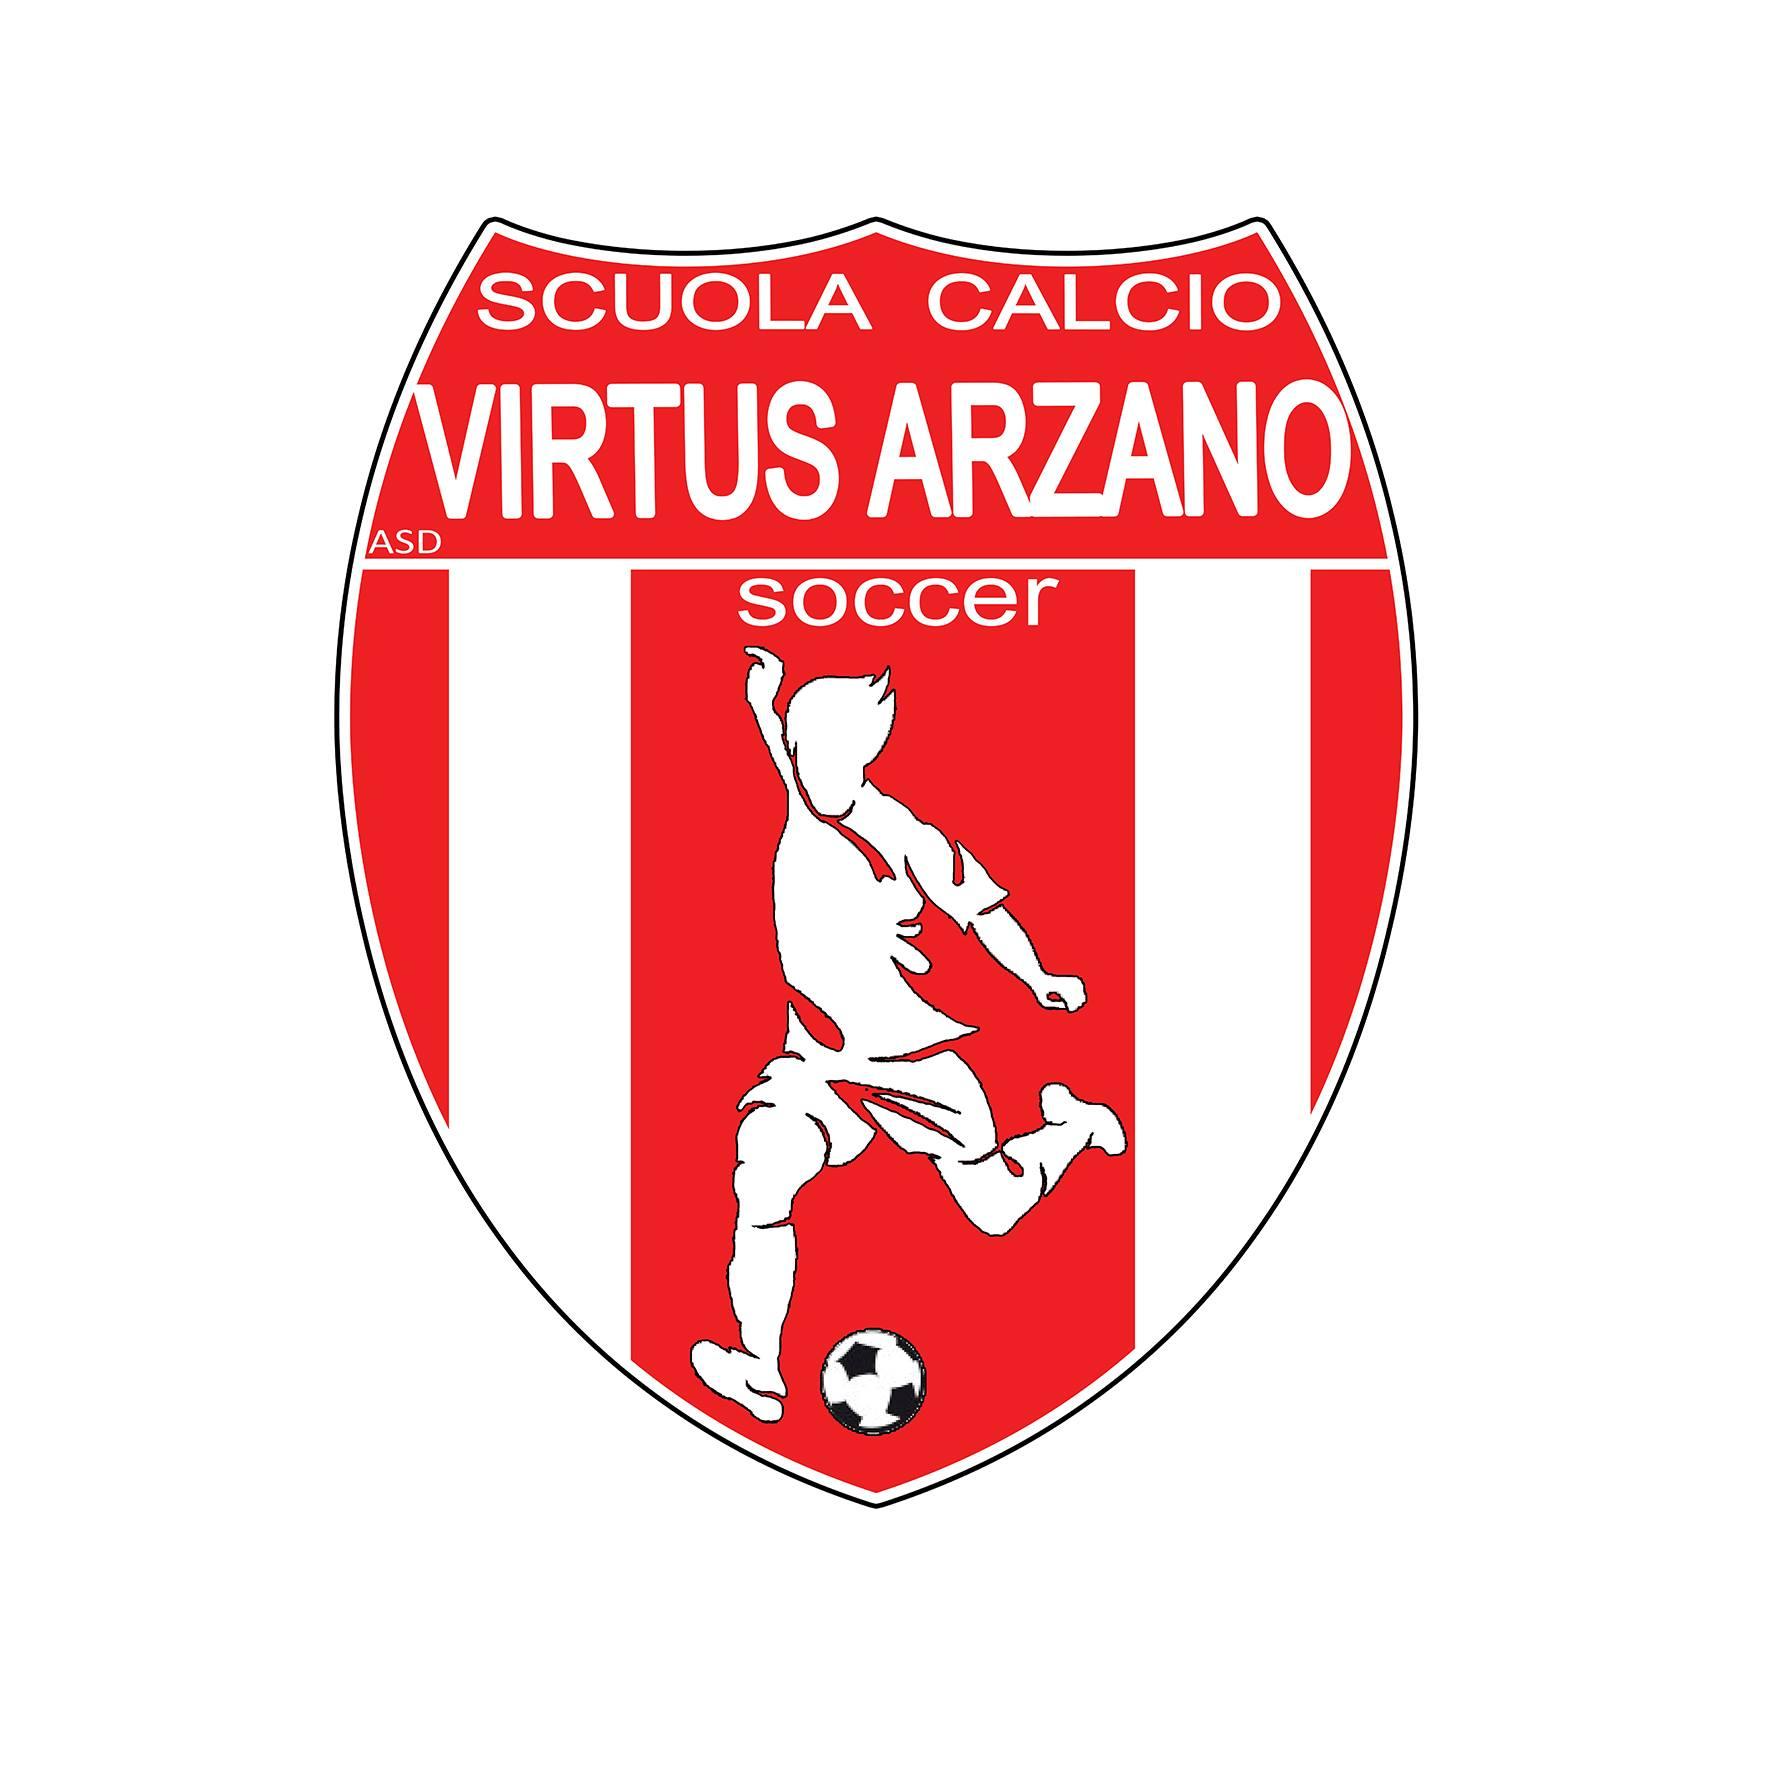 Virtus Arzano